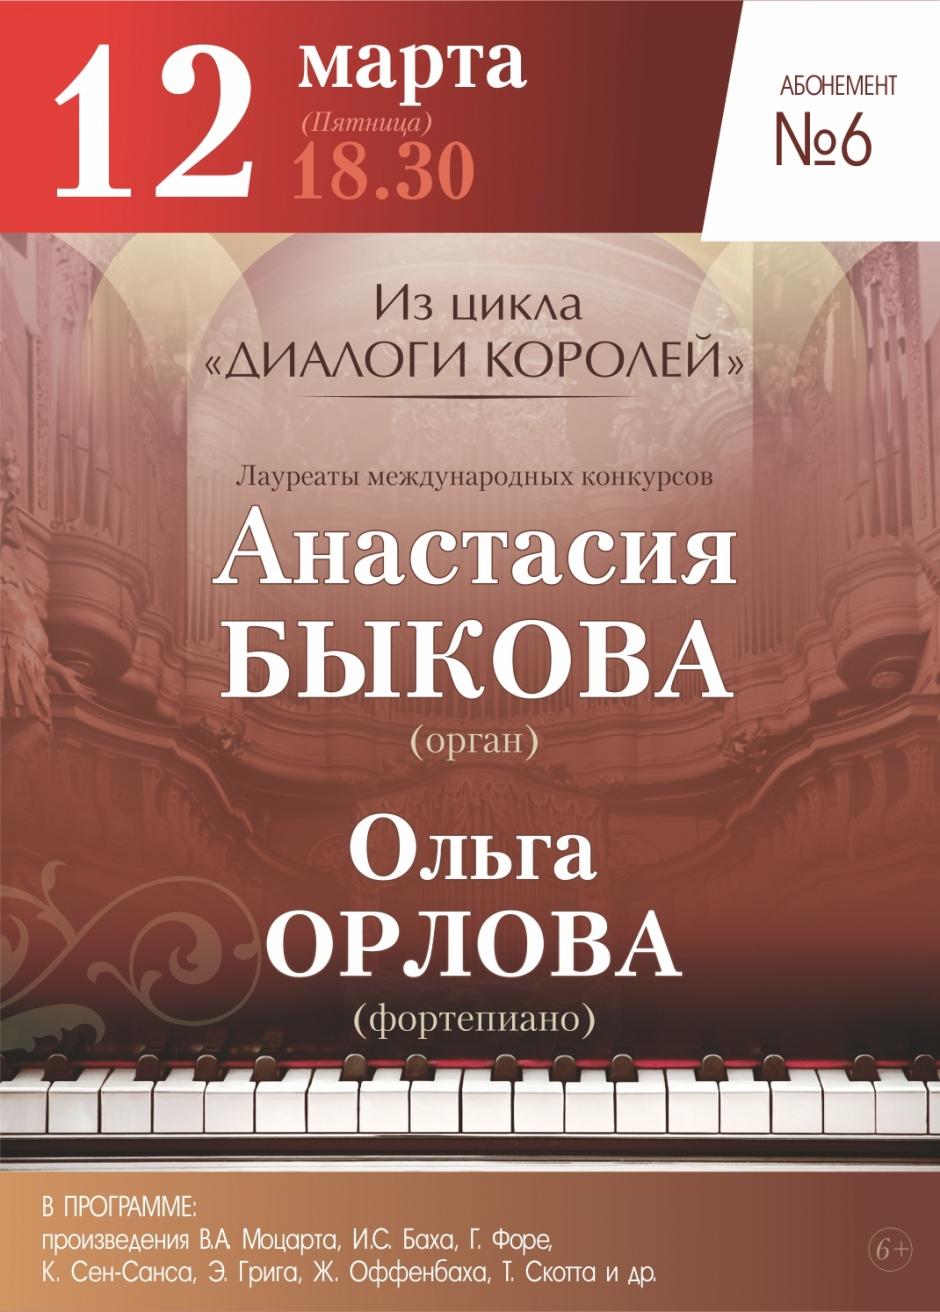 Диалог королей пройдет в Тверской филармонии